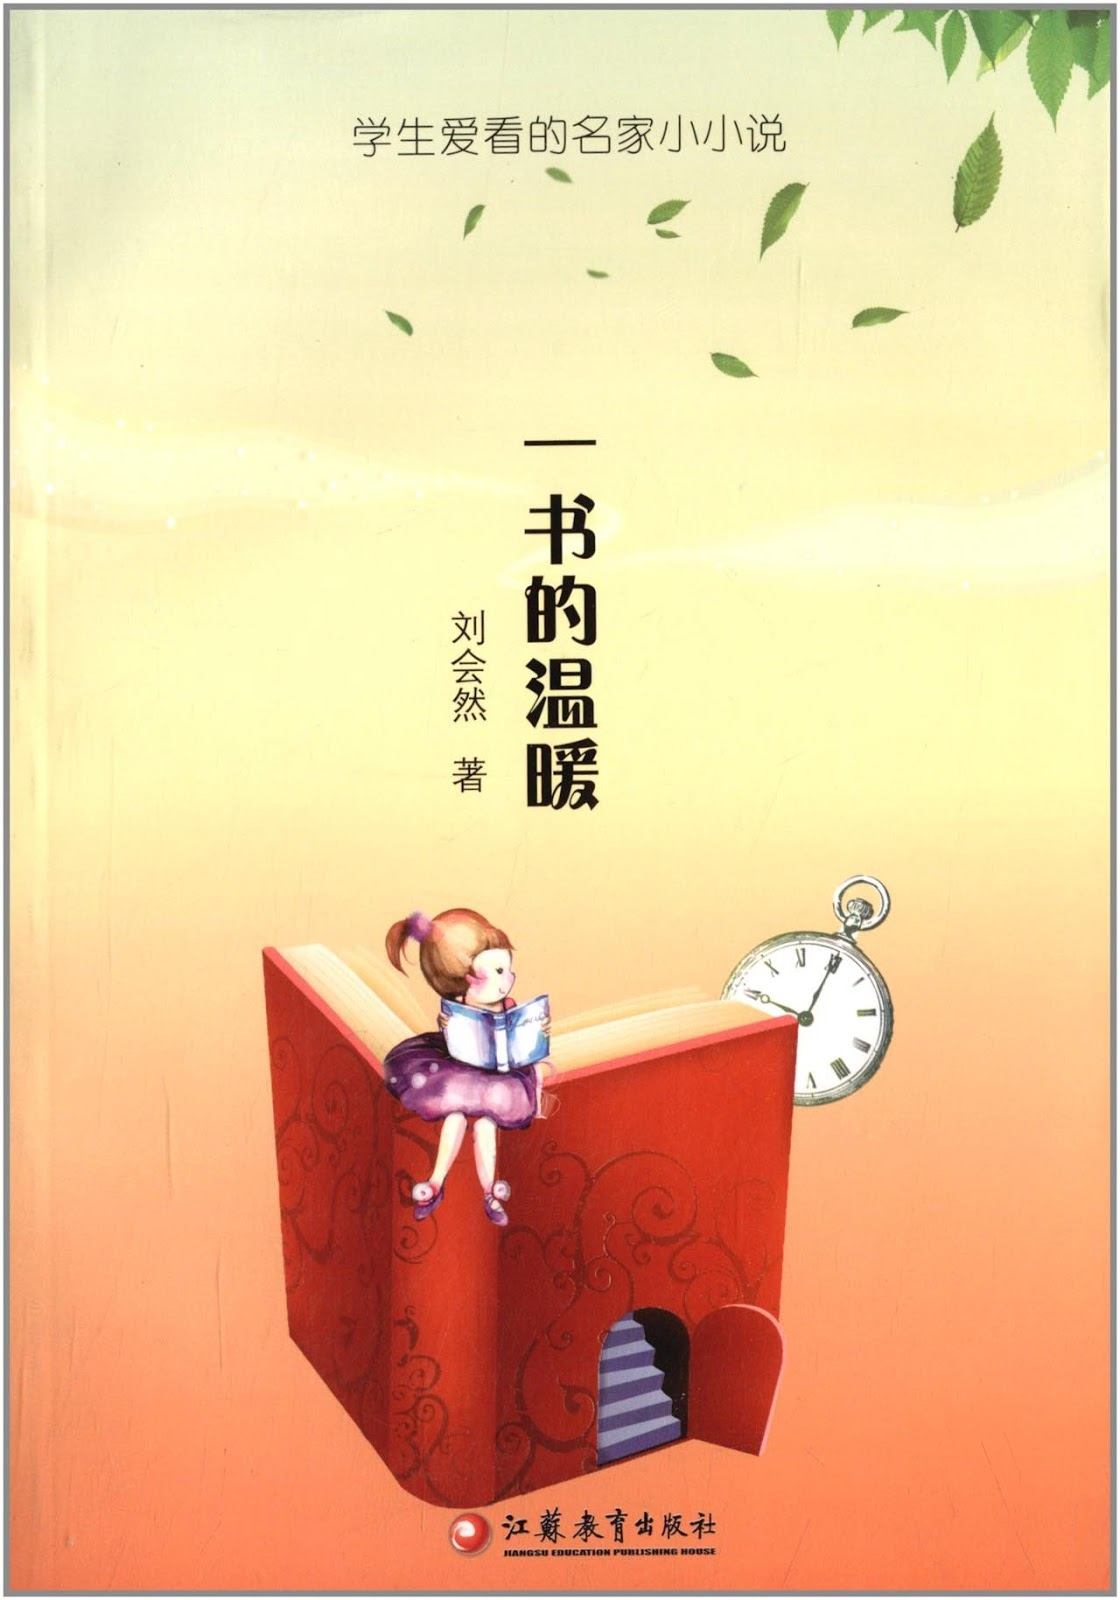 中二語文閱讀理解訓練:劉會然《親吻母親》 中文筆記 尤莉姐姐的反轉學堂